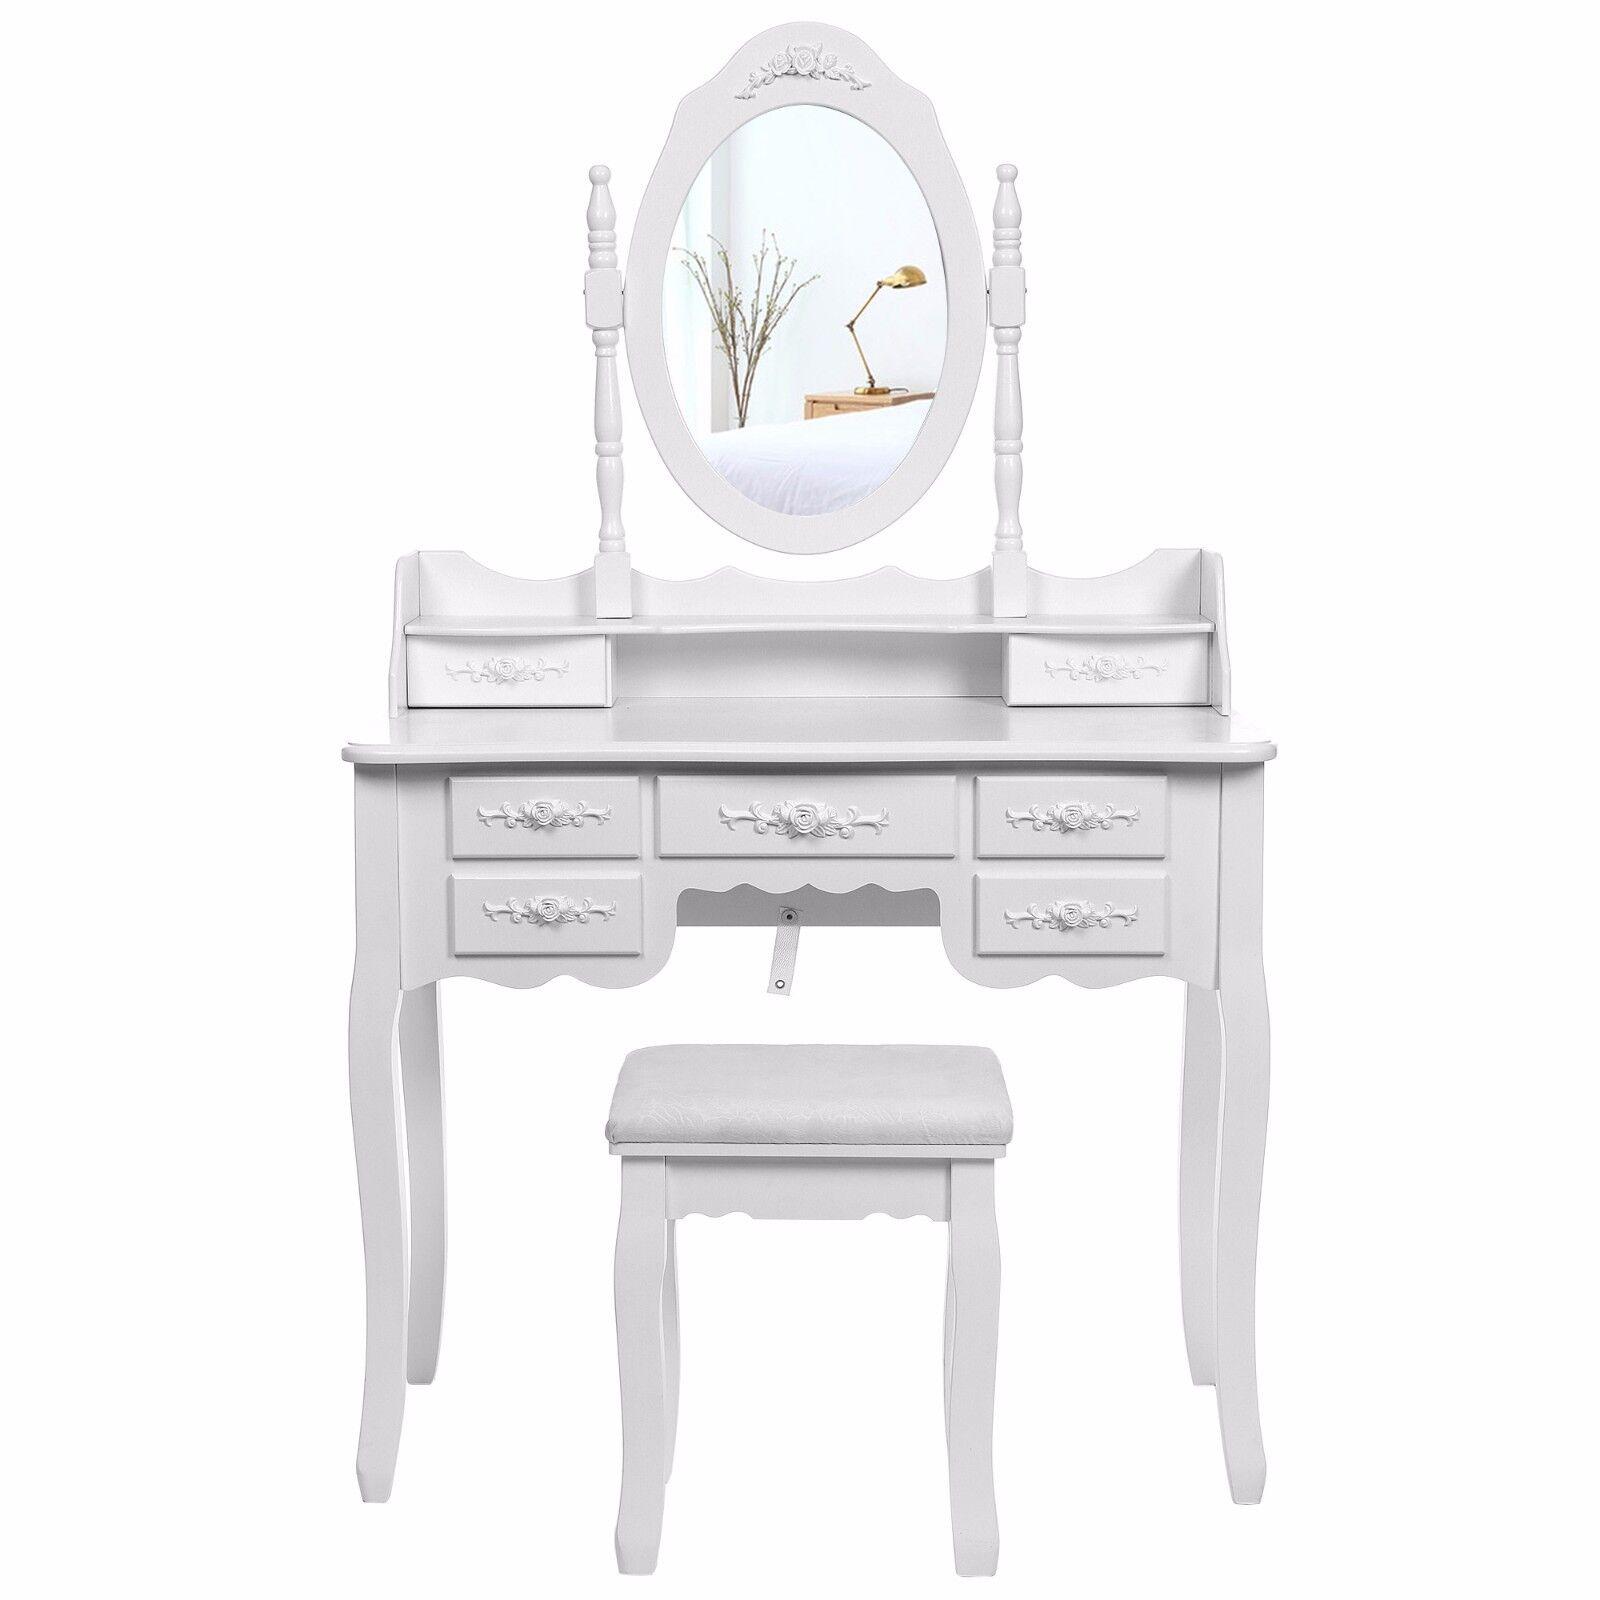 songmics schminktisch mit spiegel hocker 2 unterteiler kippsicherung wei rdt10w eur 142 99. Black Bedroom Furniture Sets. Home Design Ideas